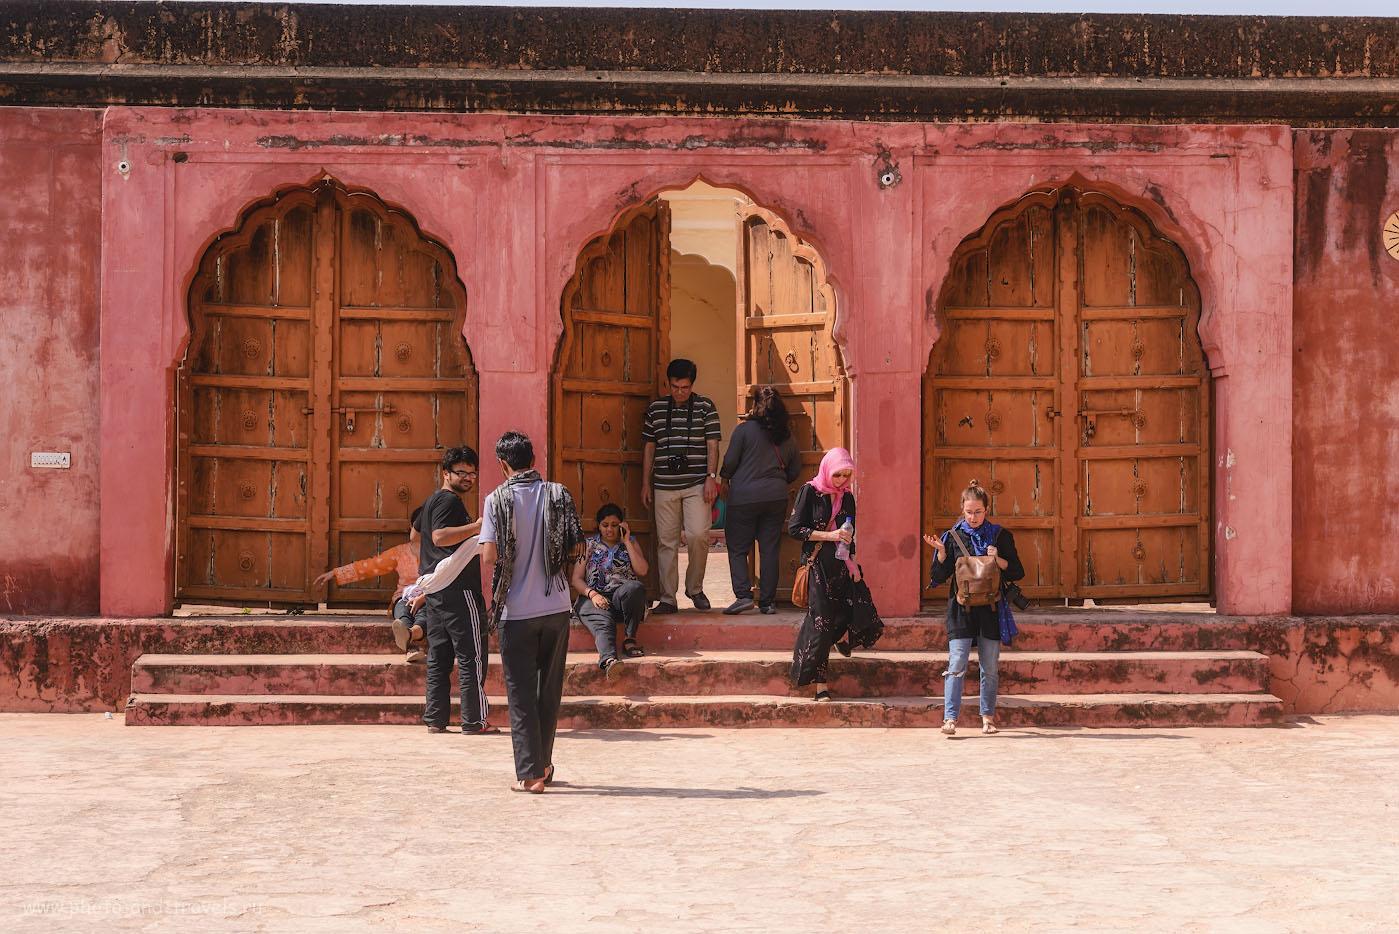 Фото 25. Туристы в форте Джайгарх ищут сокровища. Отзыв о самостоятельной экскурсии по «Золотому треугольнику» Индии. 1/200, 8.0, 100, 70.